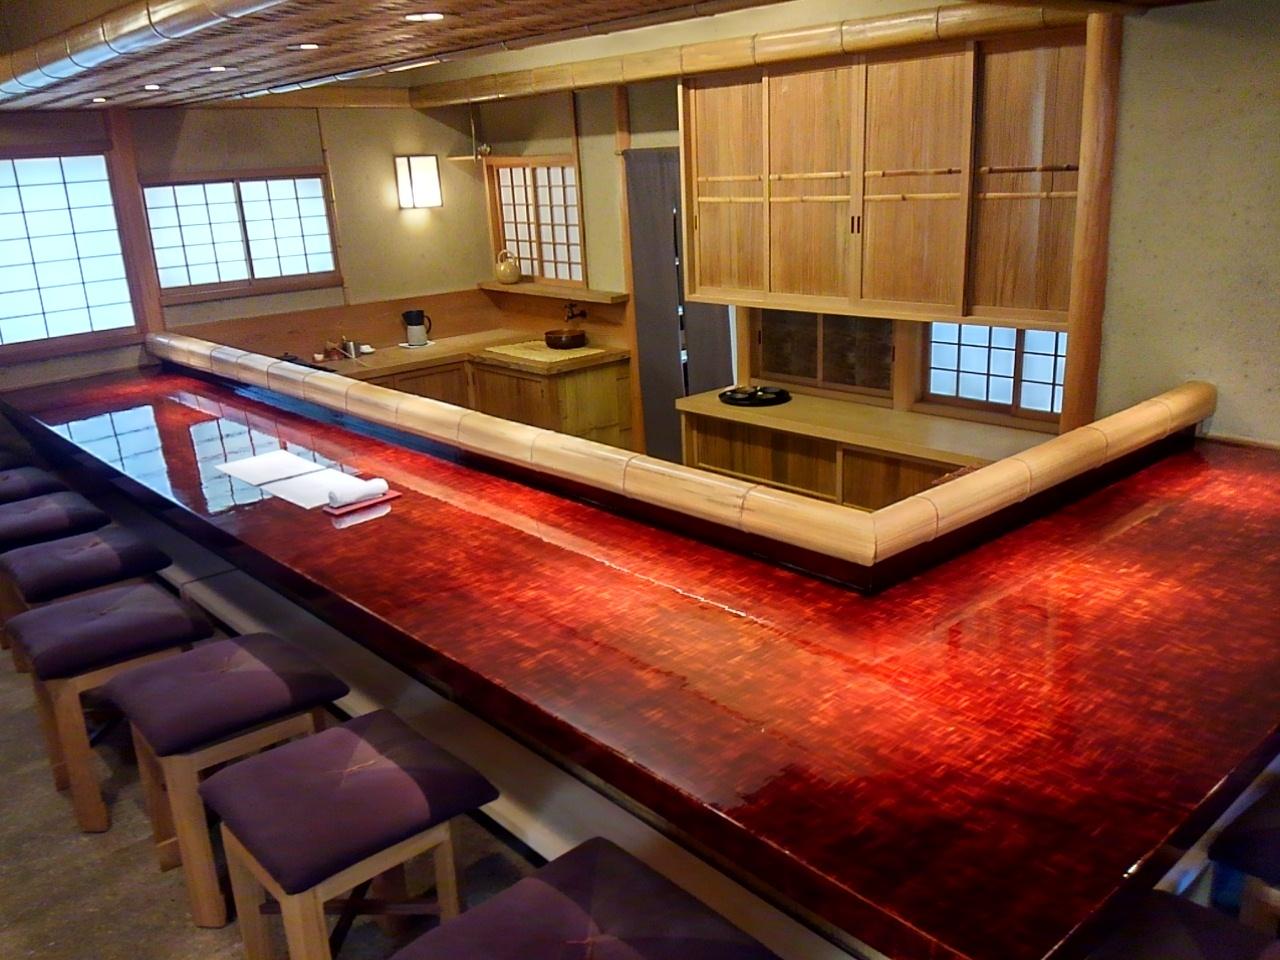 京都B級グルメ&カフェめぐり 2日目_d0083442_23493127.jpg